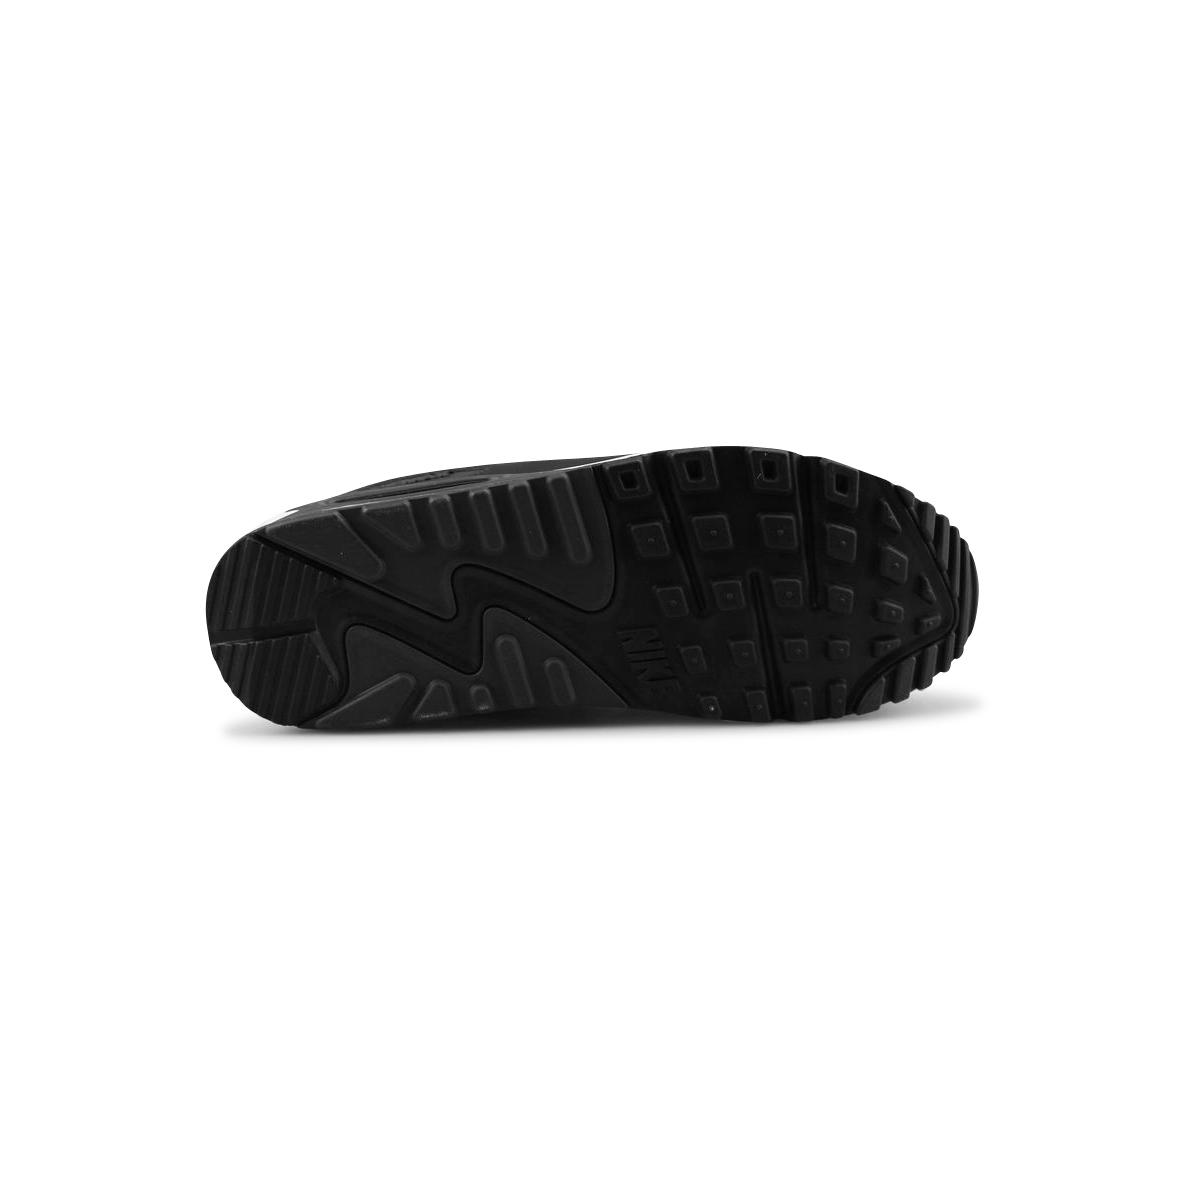 Basket Nike Air Max 90 Essential Noir 537384 053